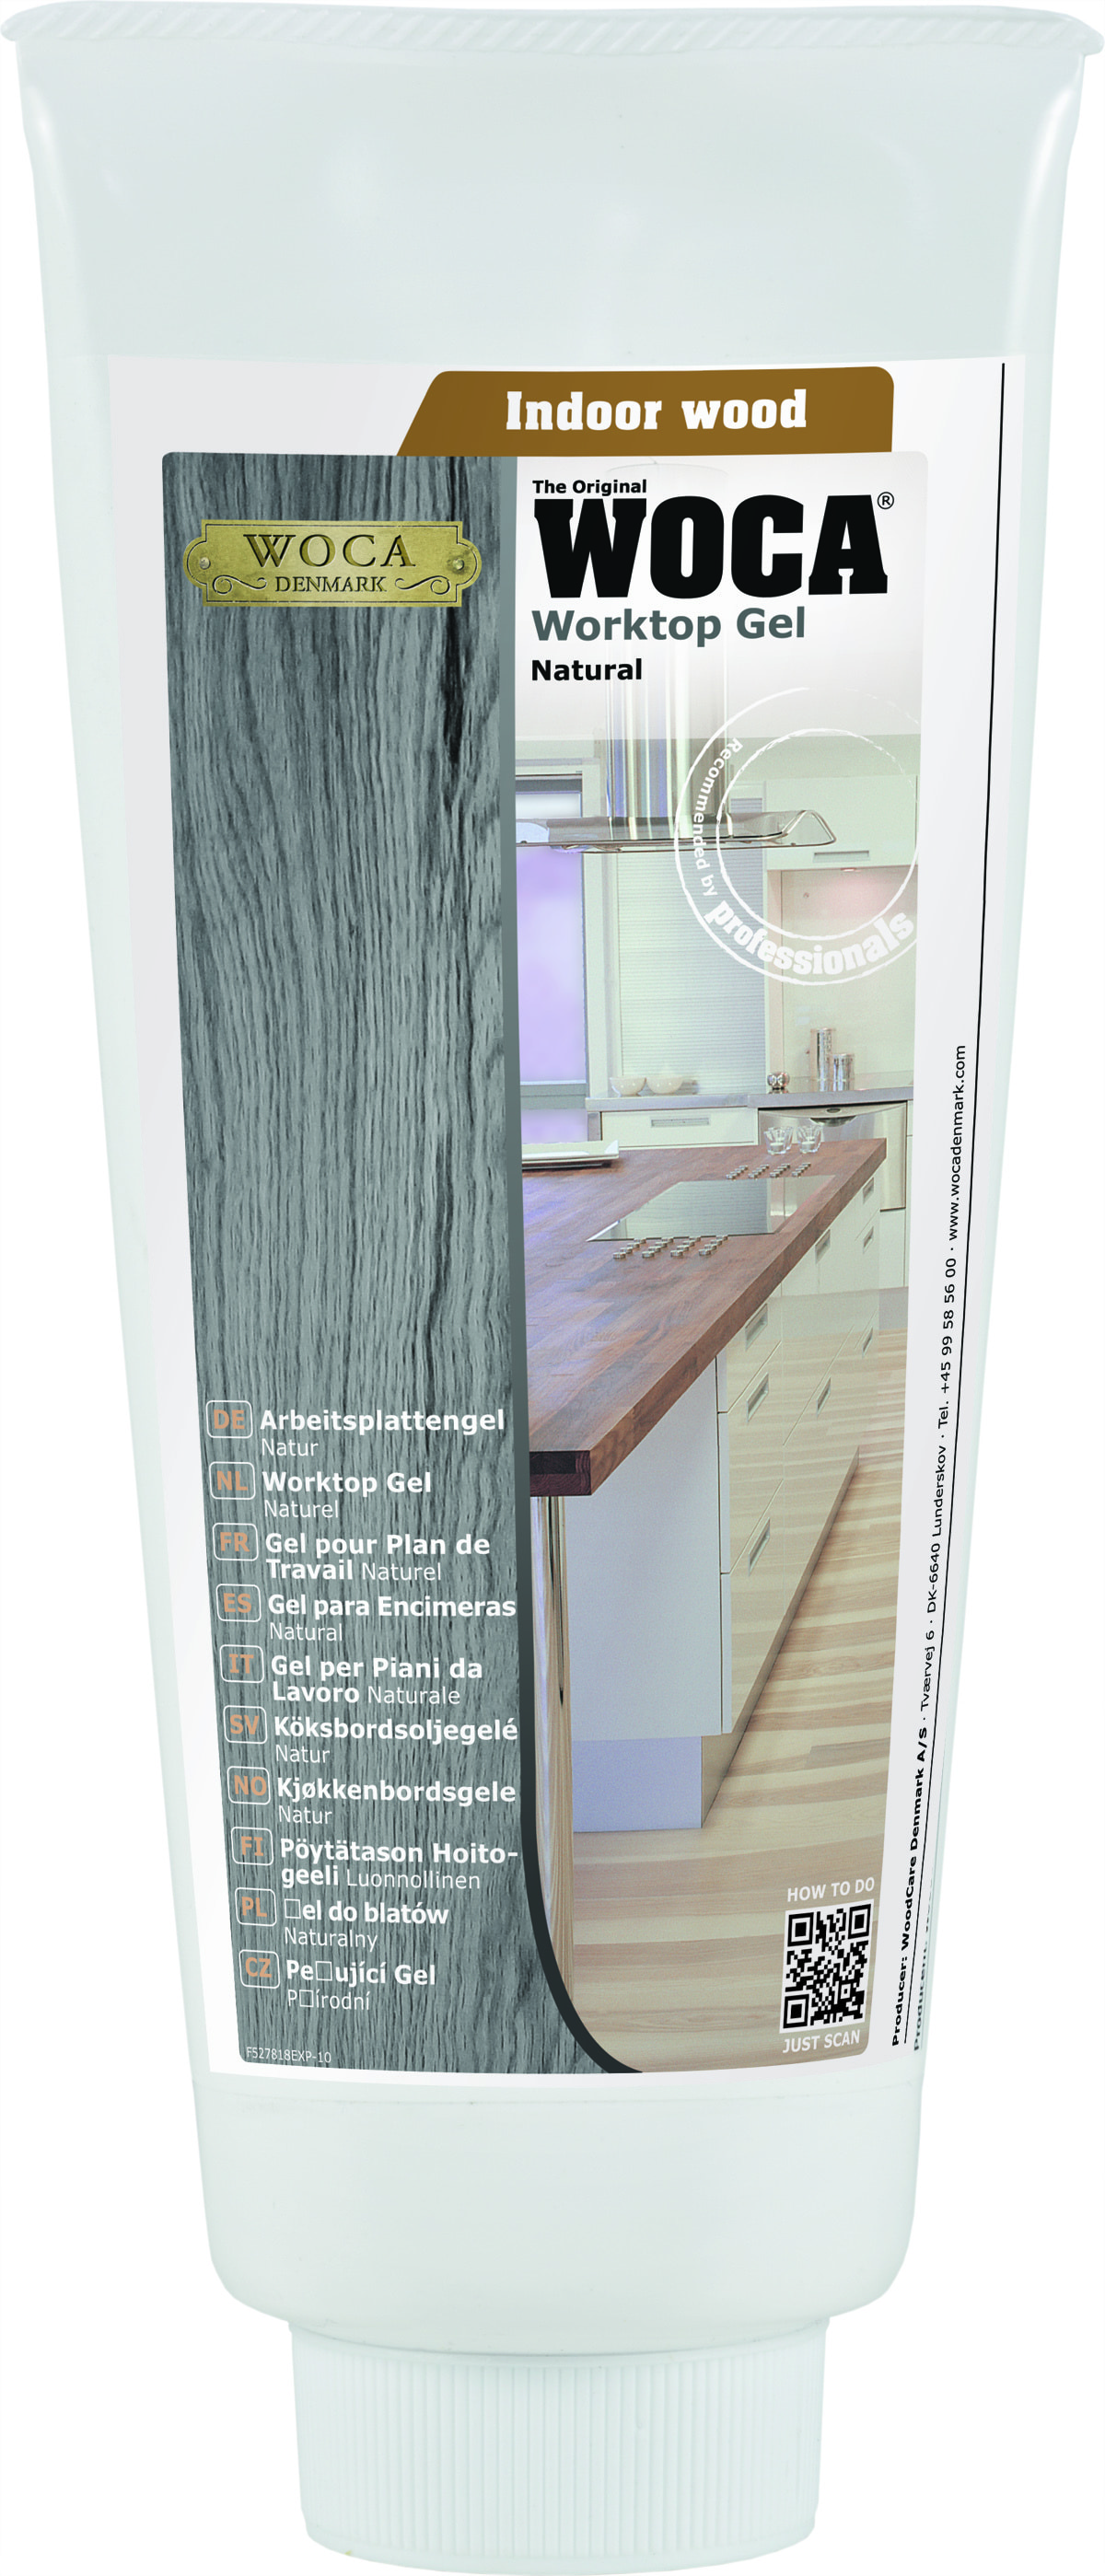 Worktop Gel, FDA Certified, 400 ml / Natural Butcher Block Accessories 0